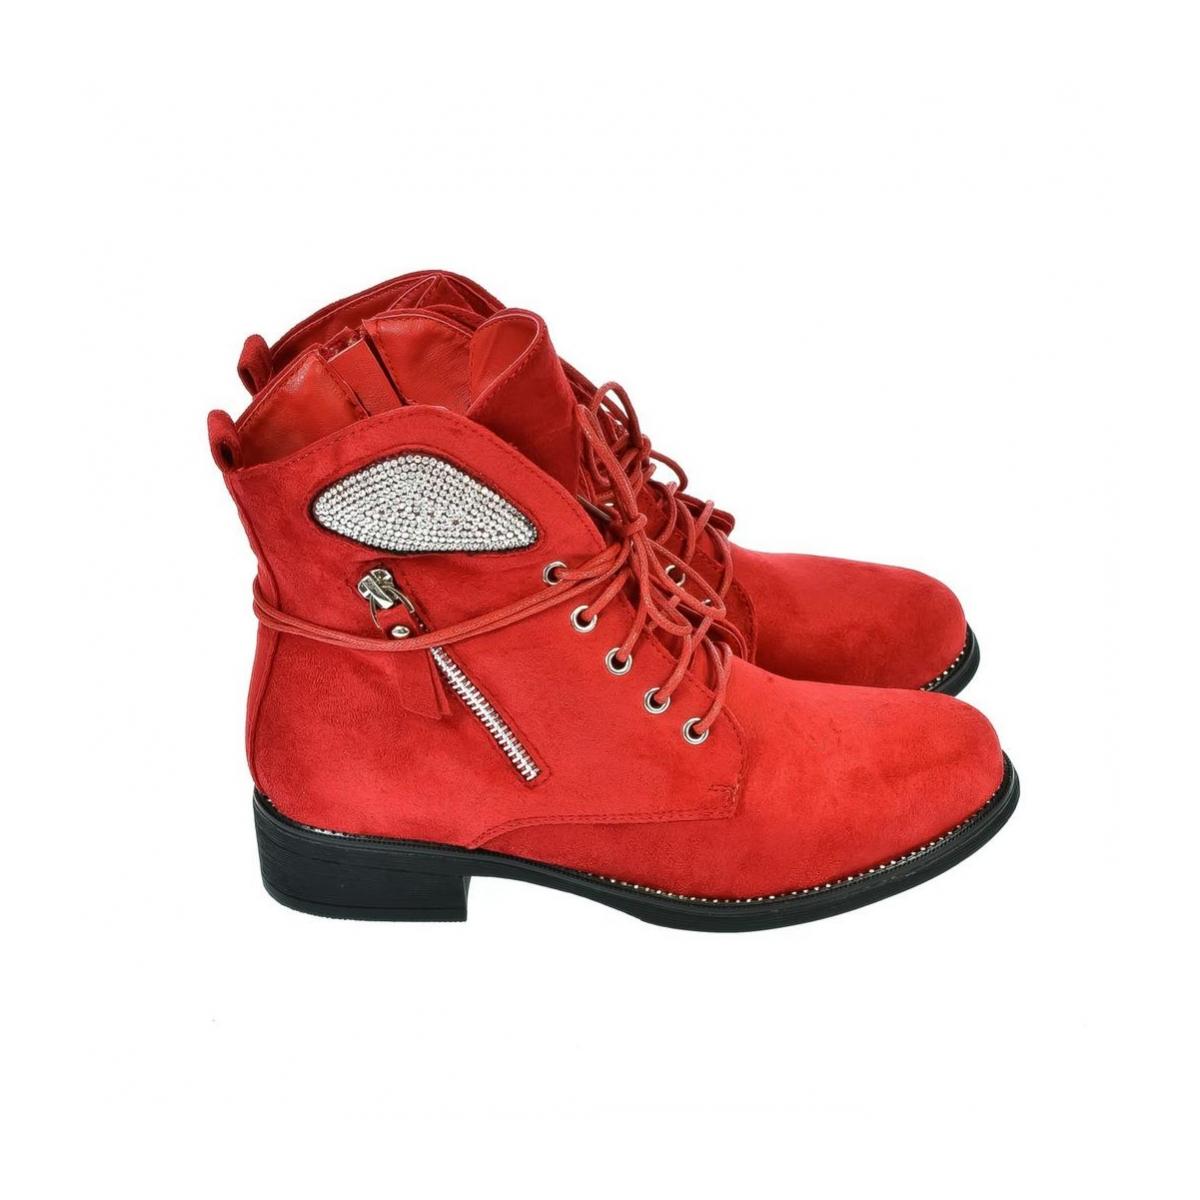 6e4c56e083 Dámske červené poltopánky SPIAT - 5